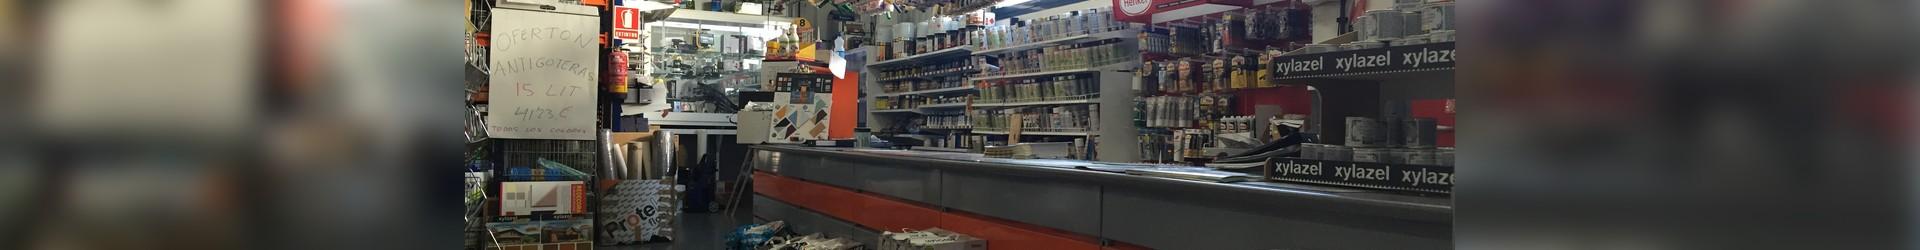 tienda de pinturas en alcobendas, tienda de pinturas en san sebastian de los reyes